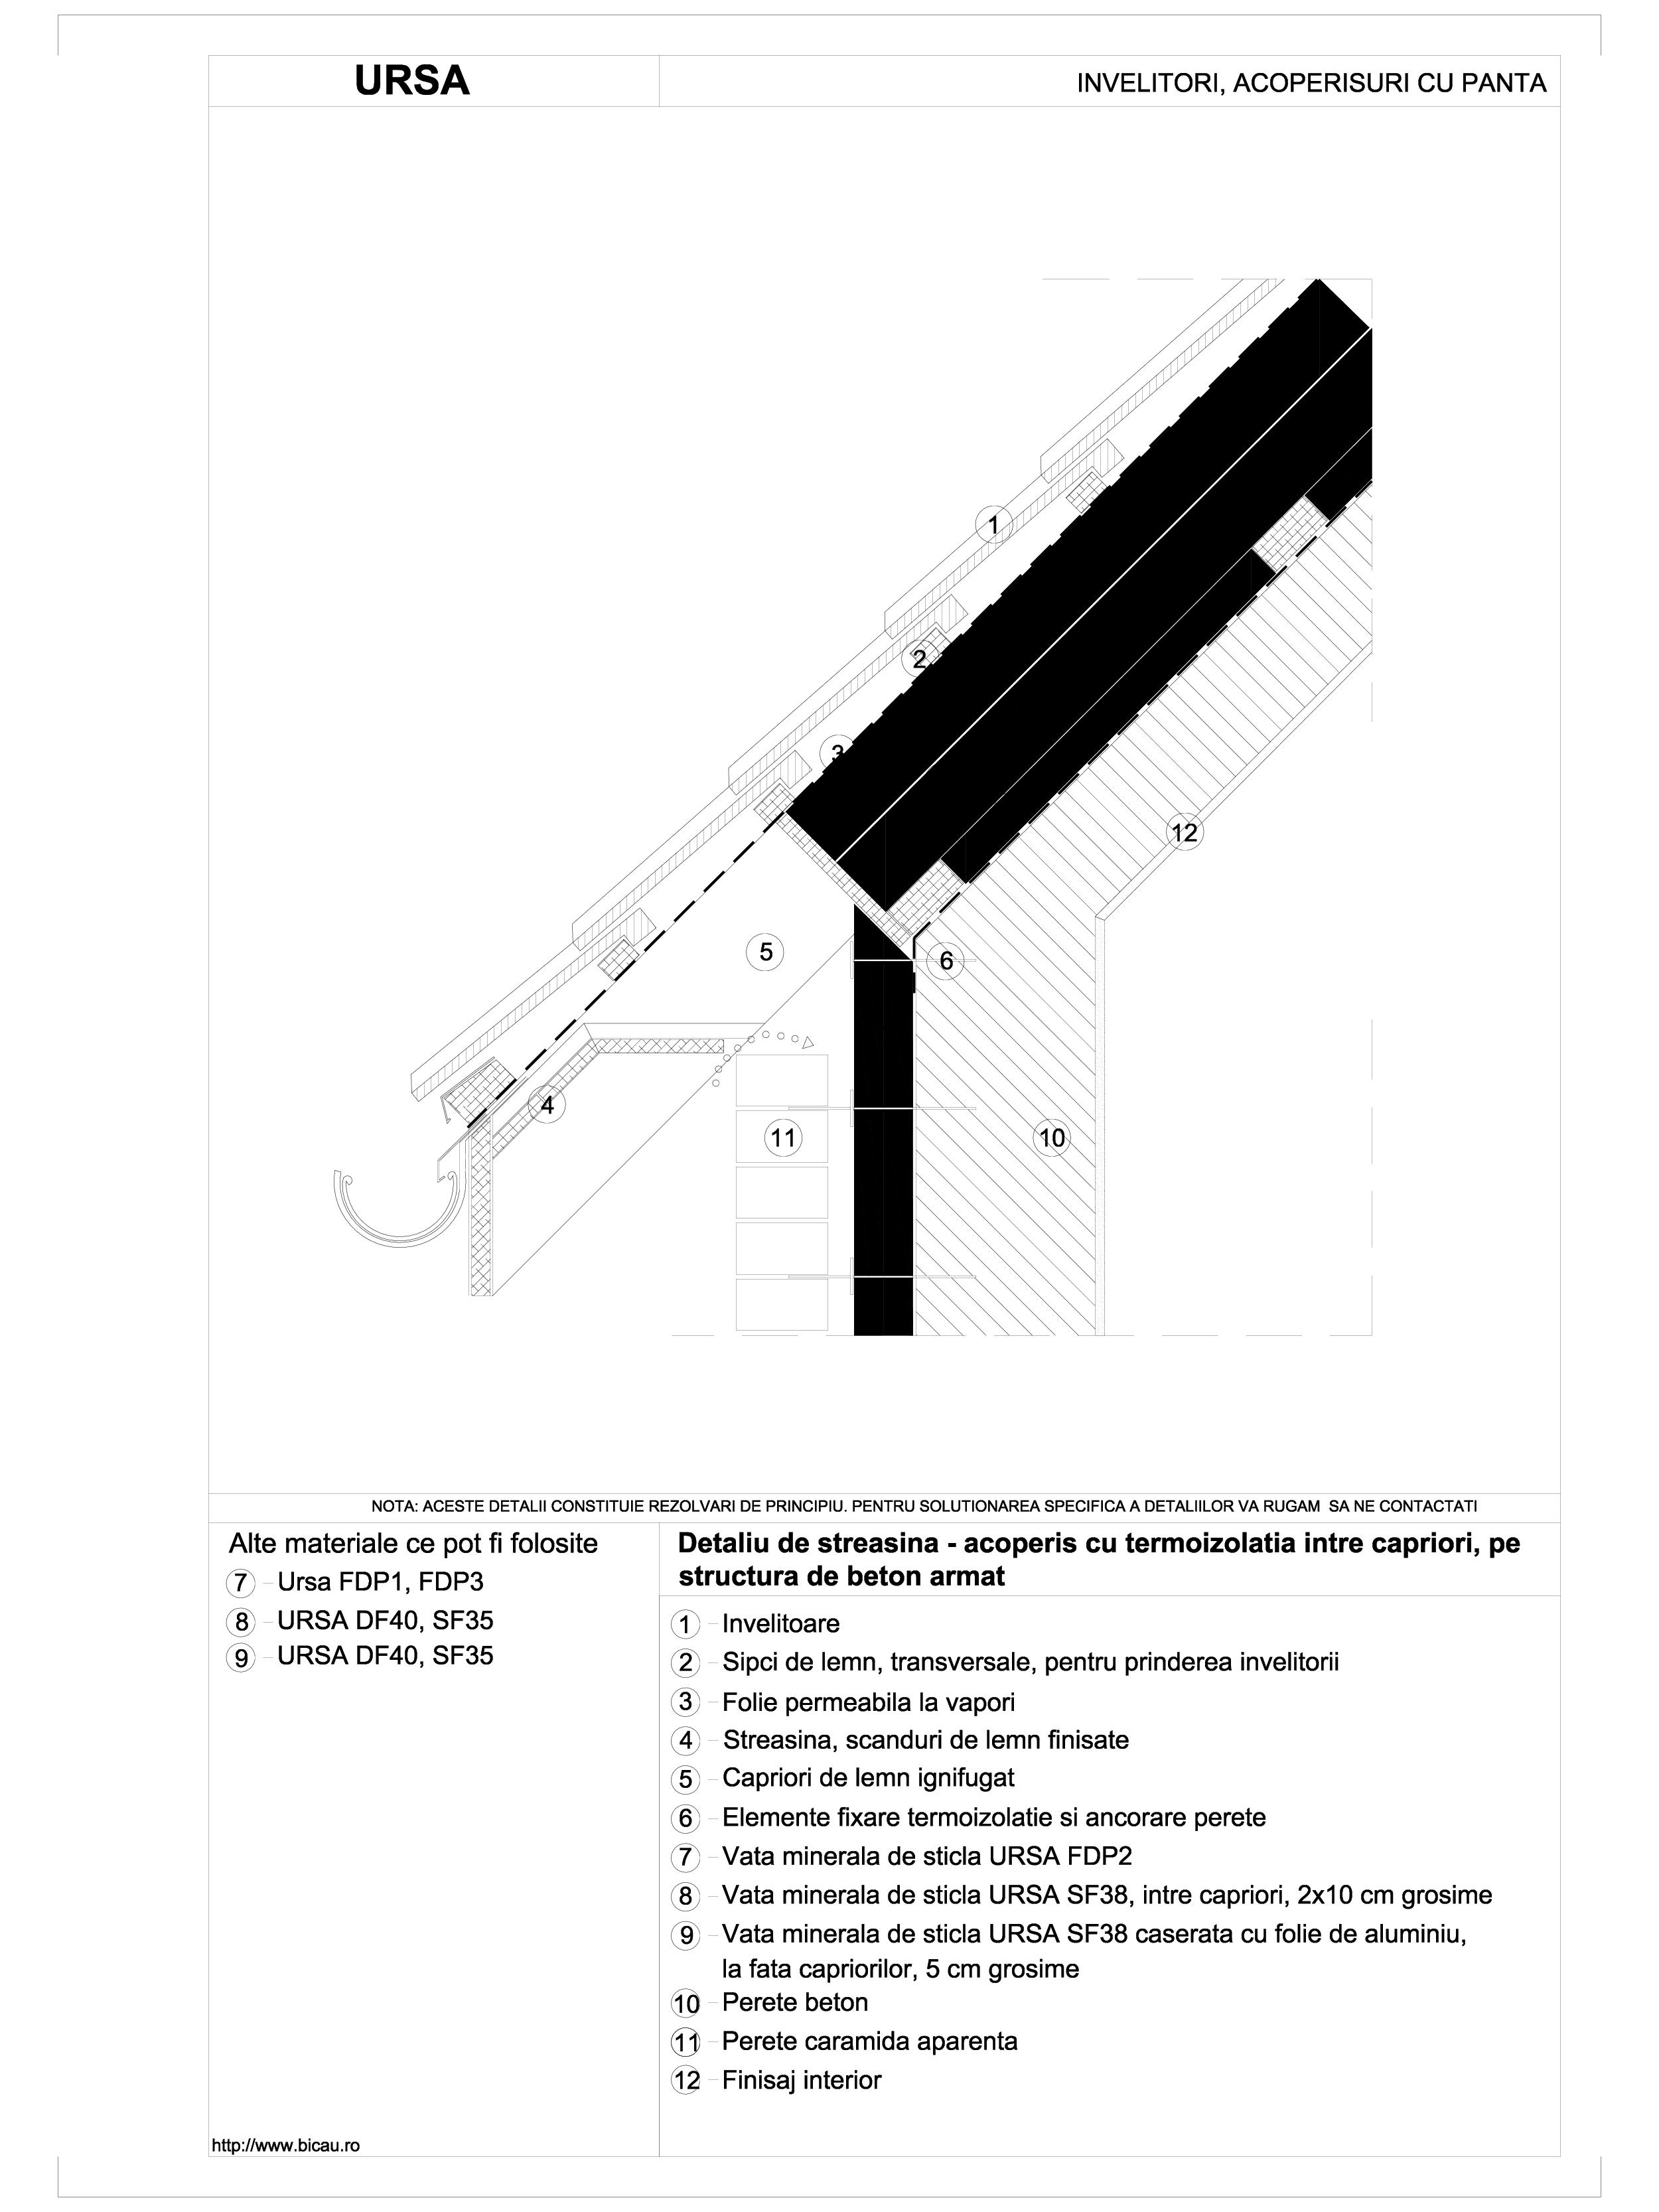 Detaliu de streasina - acoperis cu termoizolatia intre capriori, pe structura de beton armat URSA Vata minerala pentru acoperisuri si mansarde URSA ROMANIA   - Pagina 1